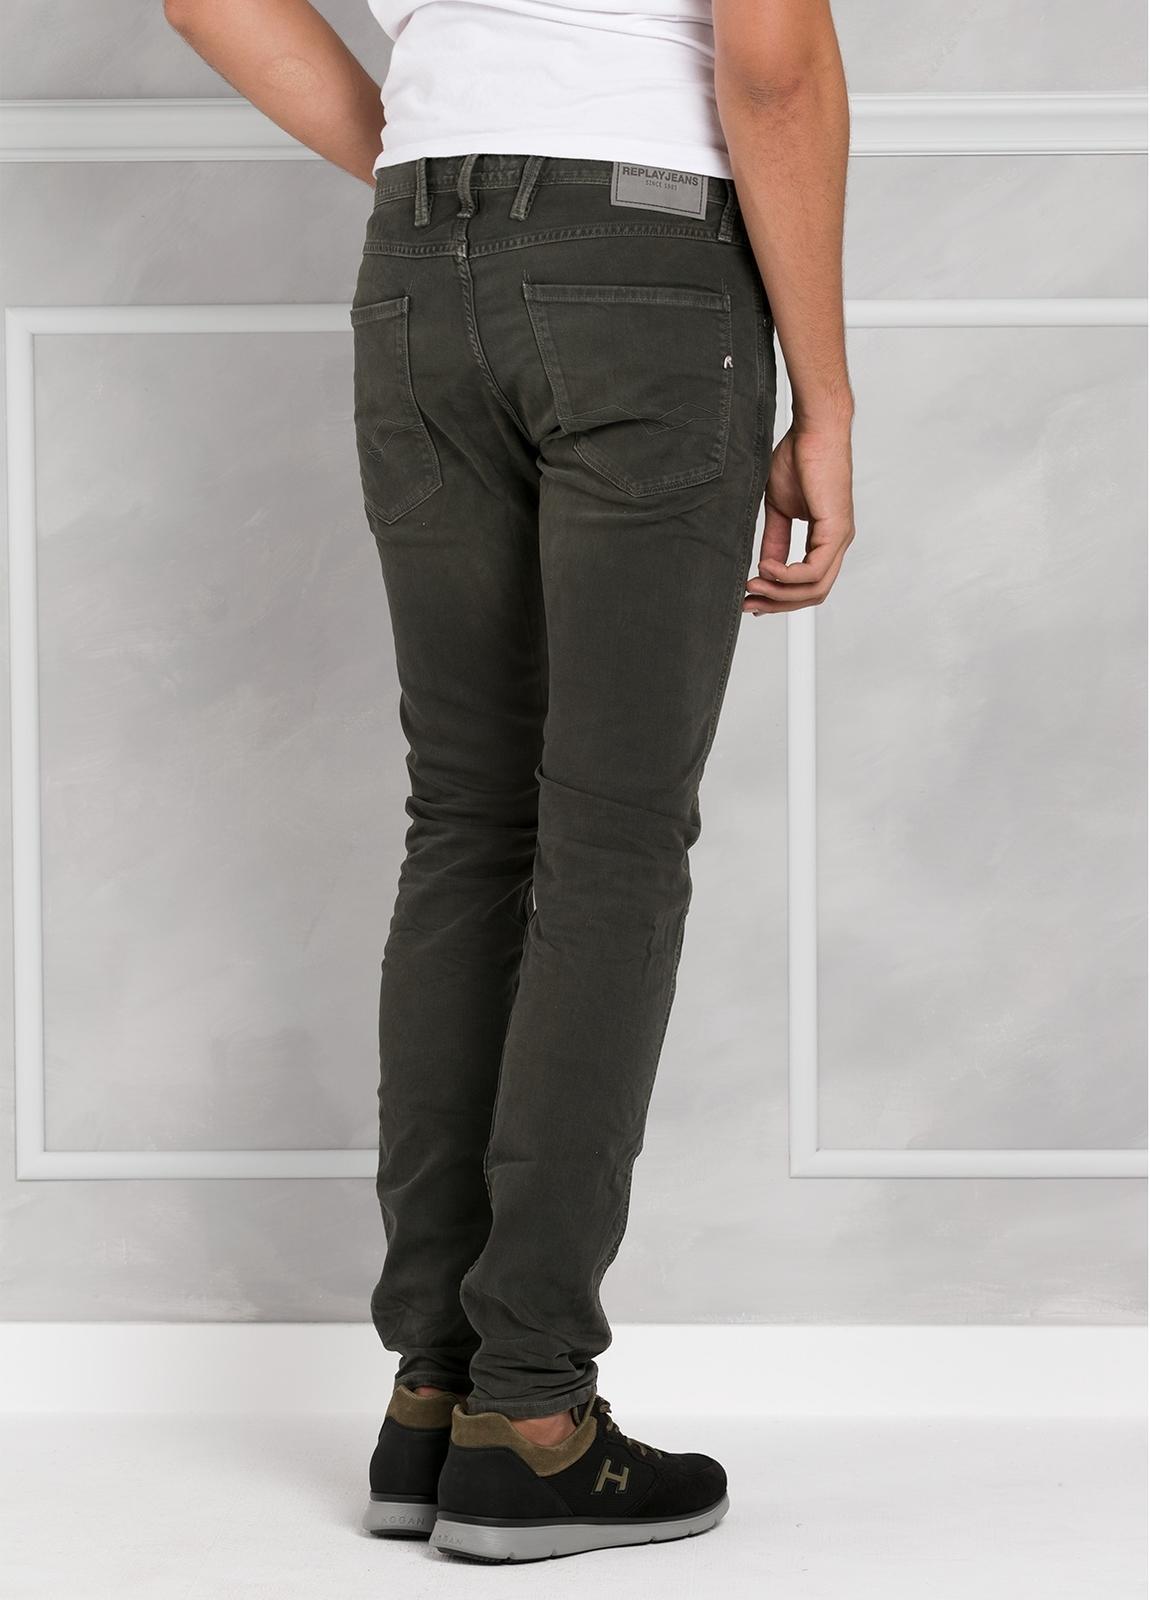 Pantalón tejano 9,5 oz SLIM M914 ANBASS color kaki lavado. 98% Algodón 2% elastán. - Ítem3